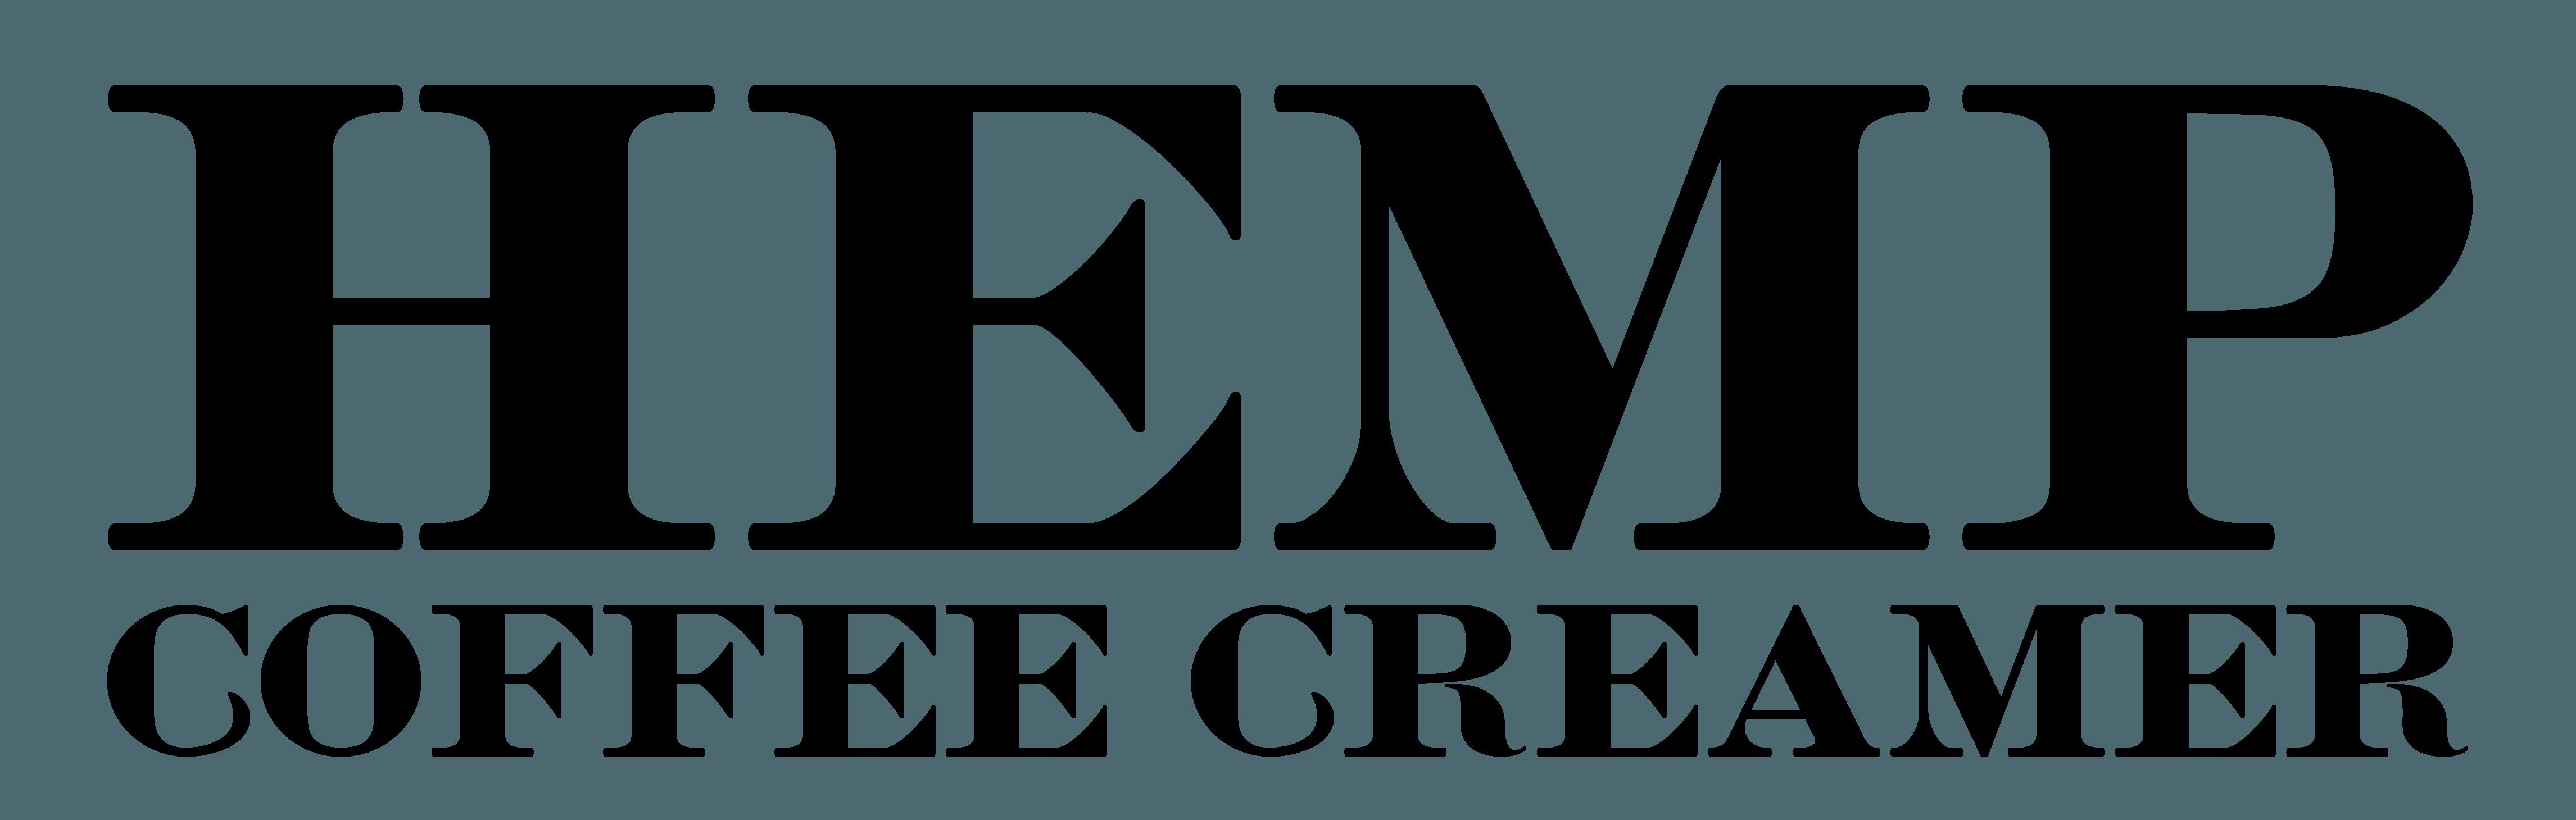 Hemp Coffee Creamer Logo